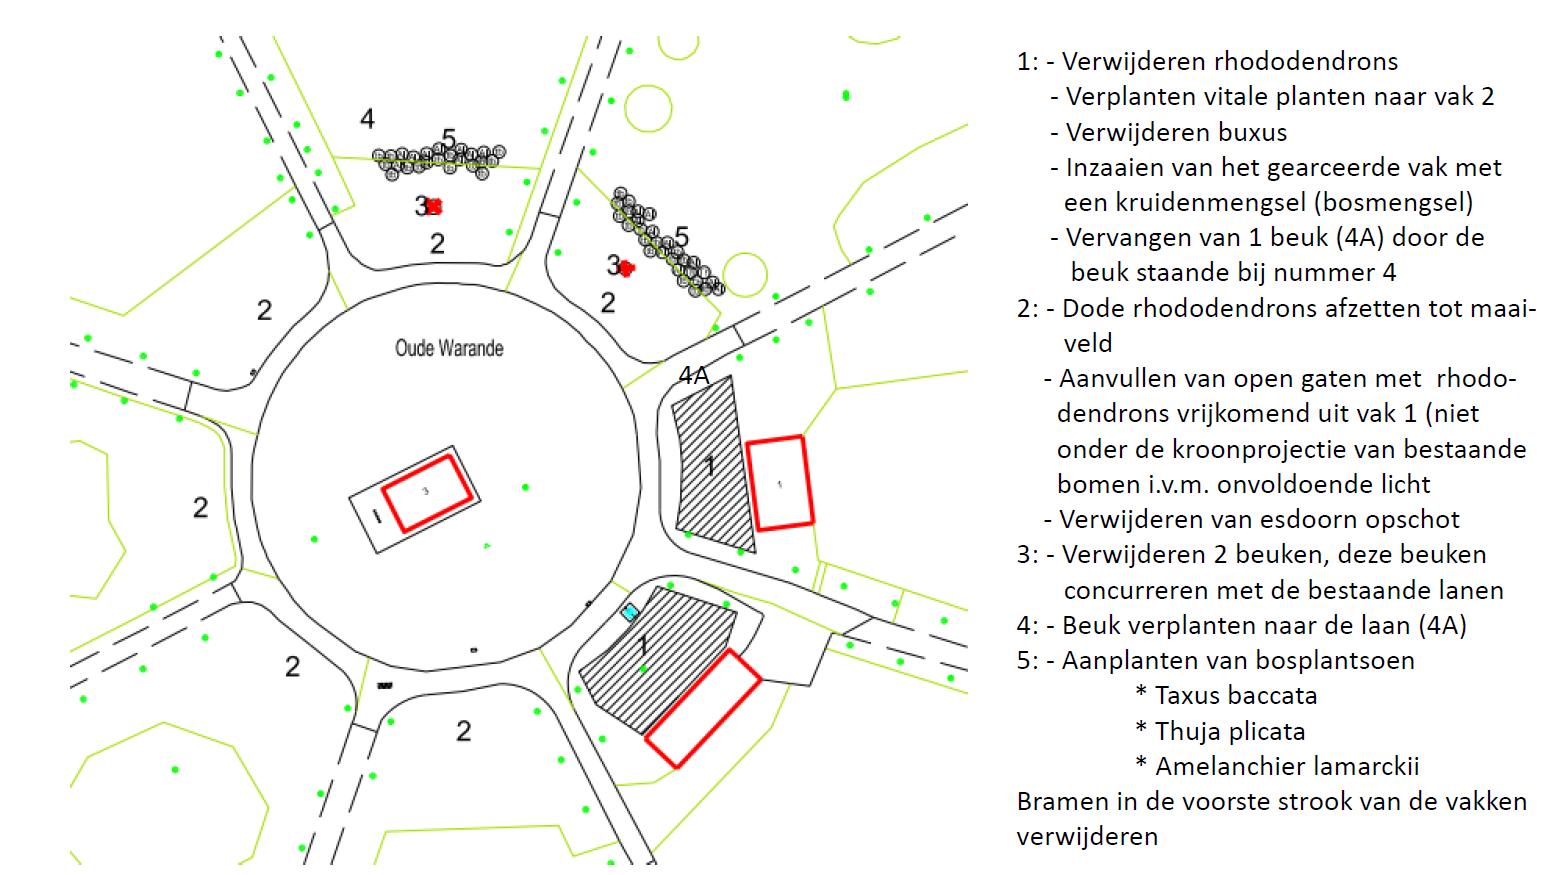 20191216 Plan nieuwe beplanting rotonde.png